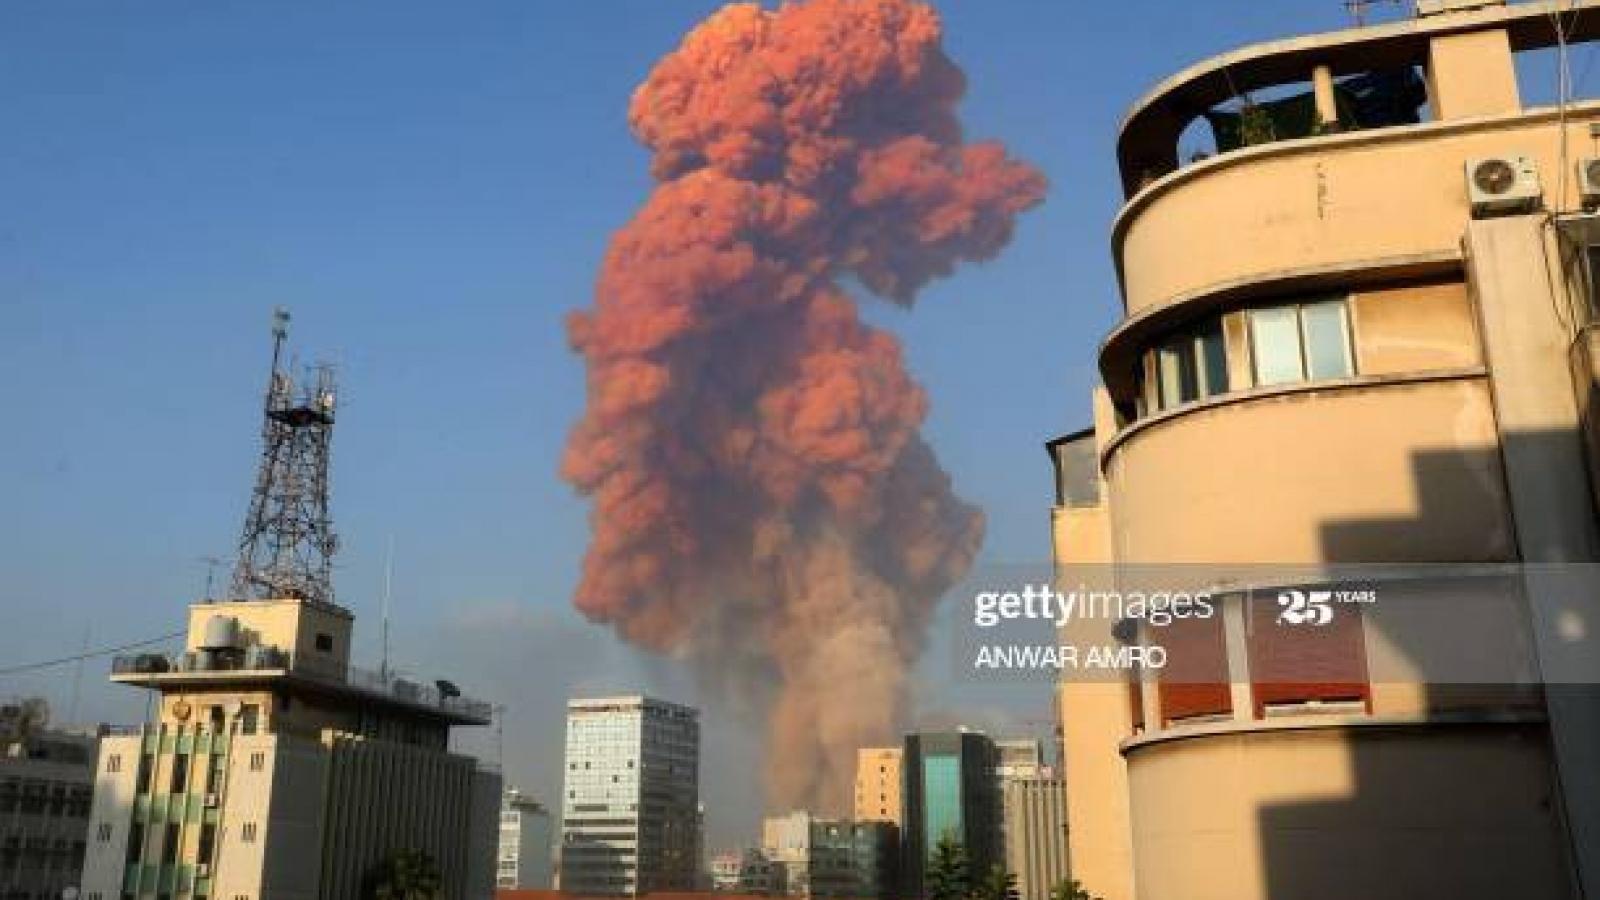 Số người chết trong vụ nổ kinh hoàng ở Beirut tăng lên 171 người